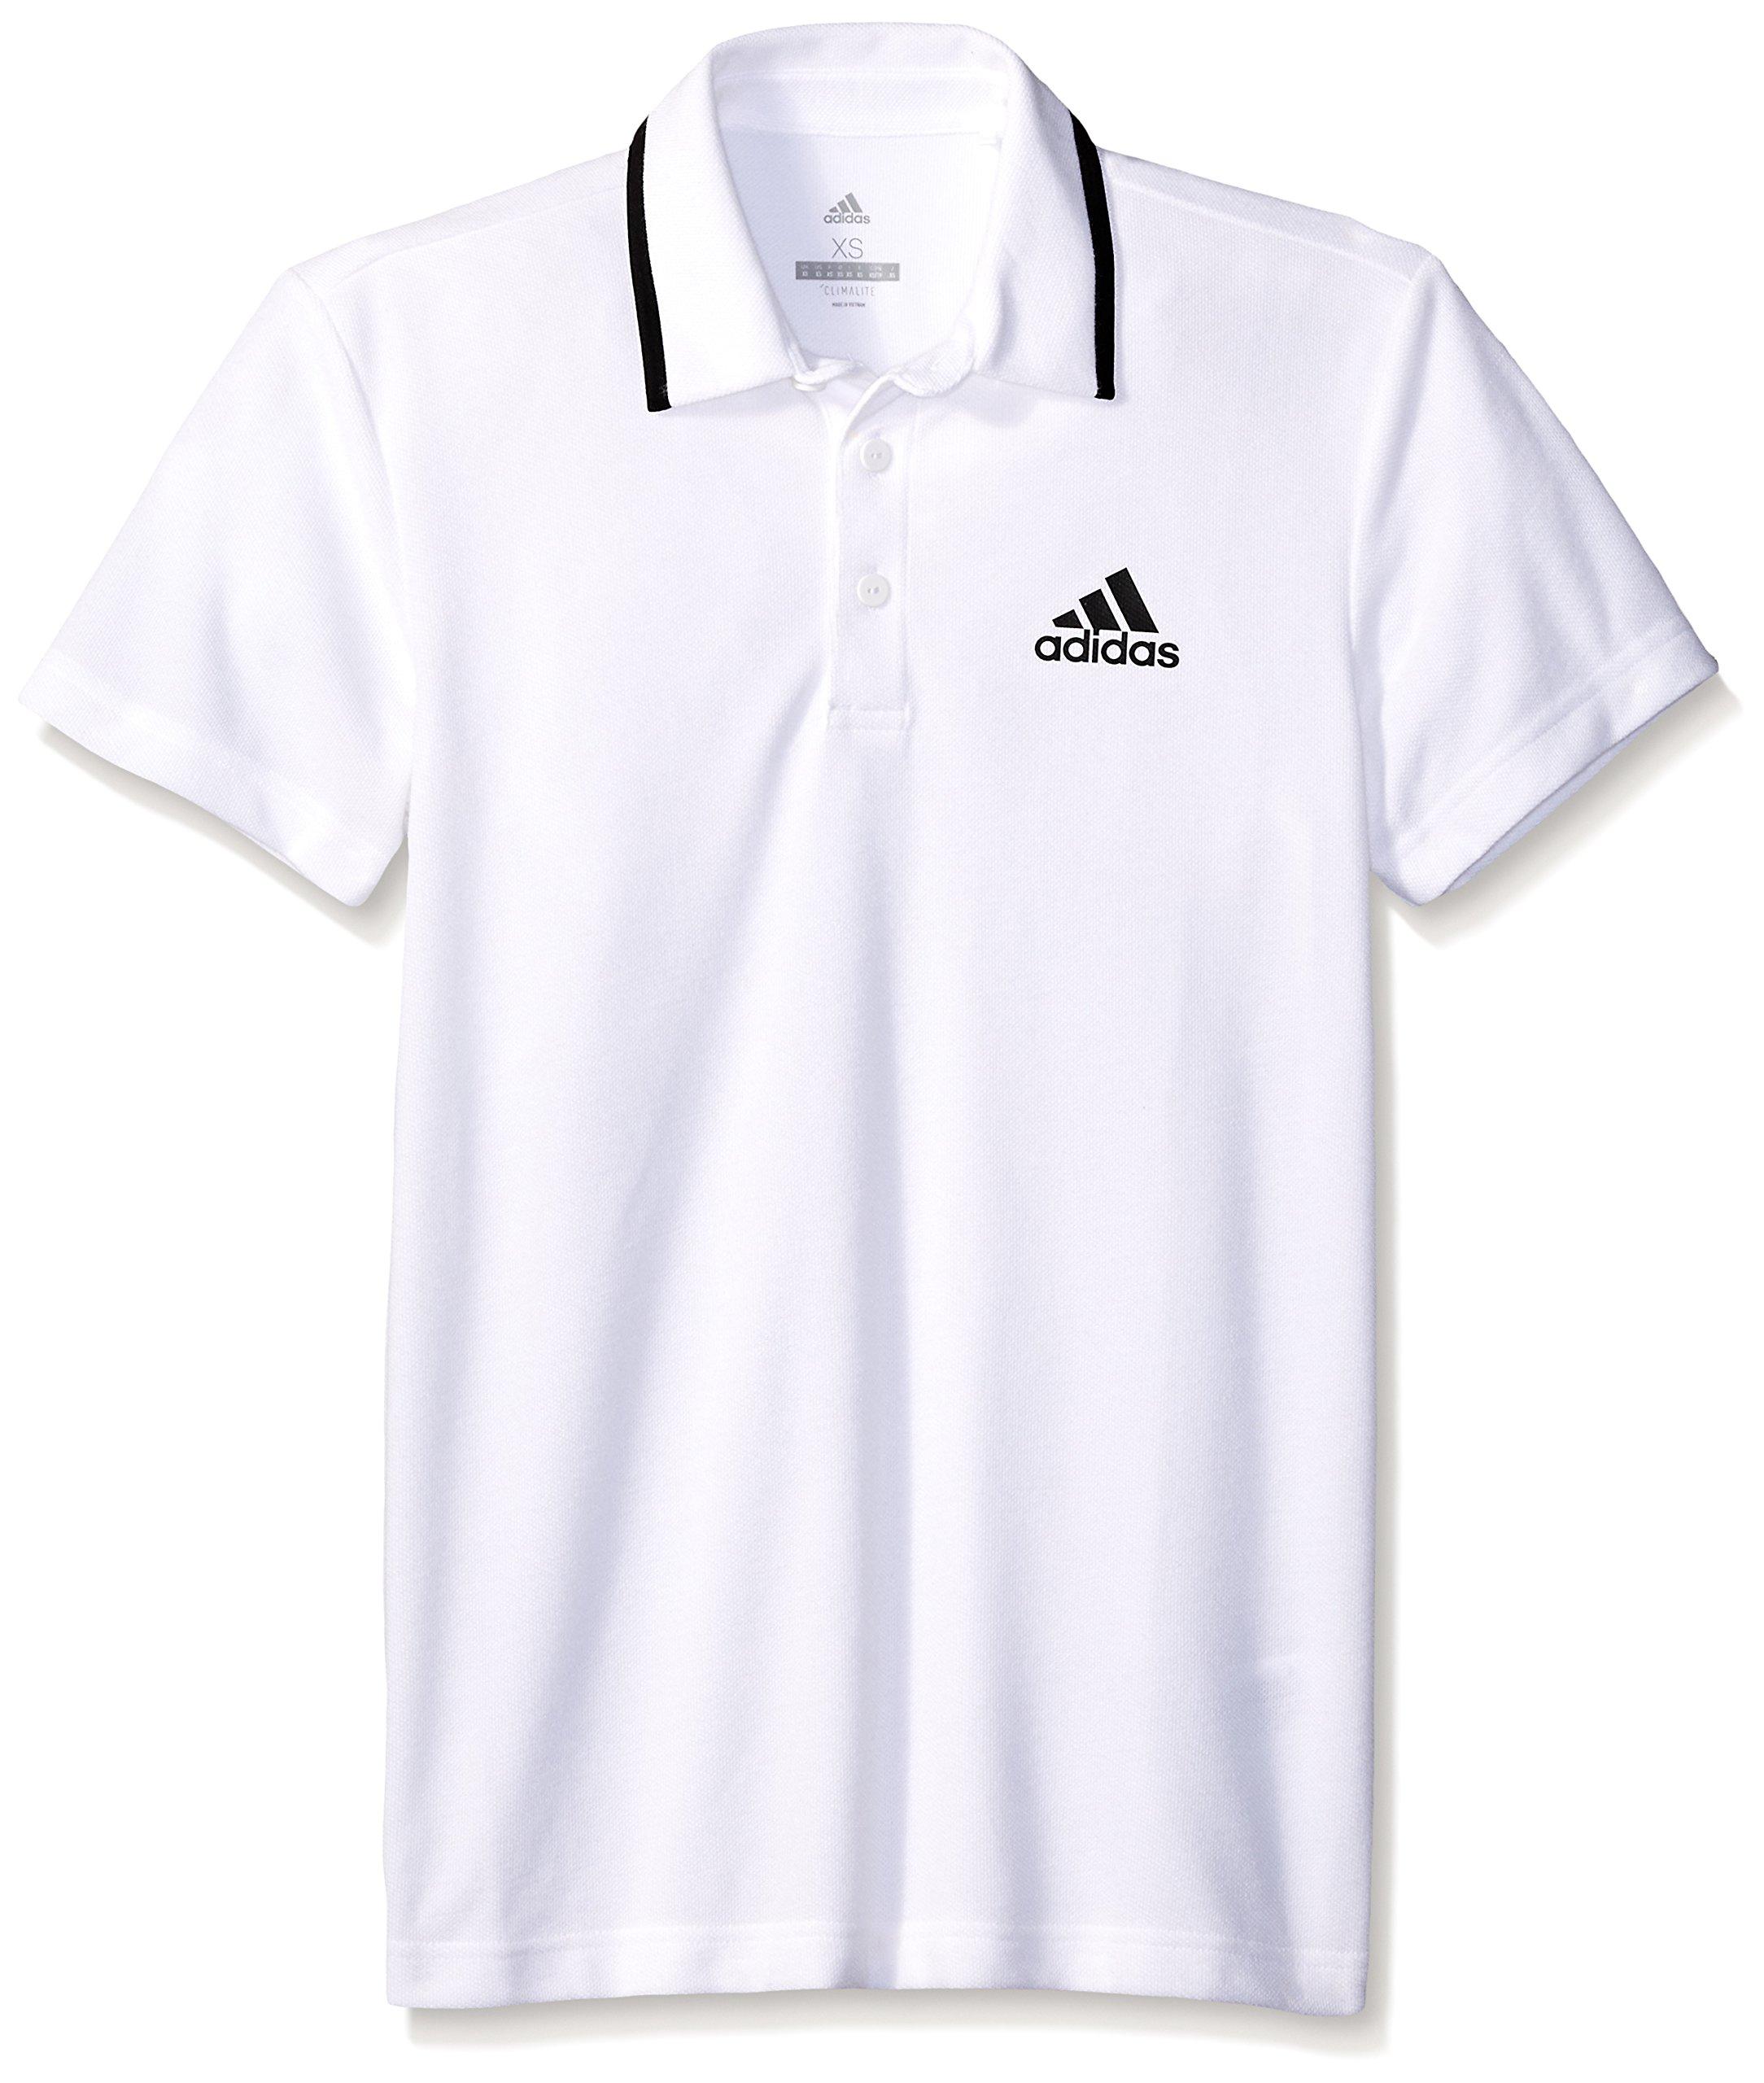 b94b381c Galleon - Adidas Men's Tennis Essex Polo Shirt, White/Black, Small